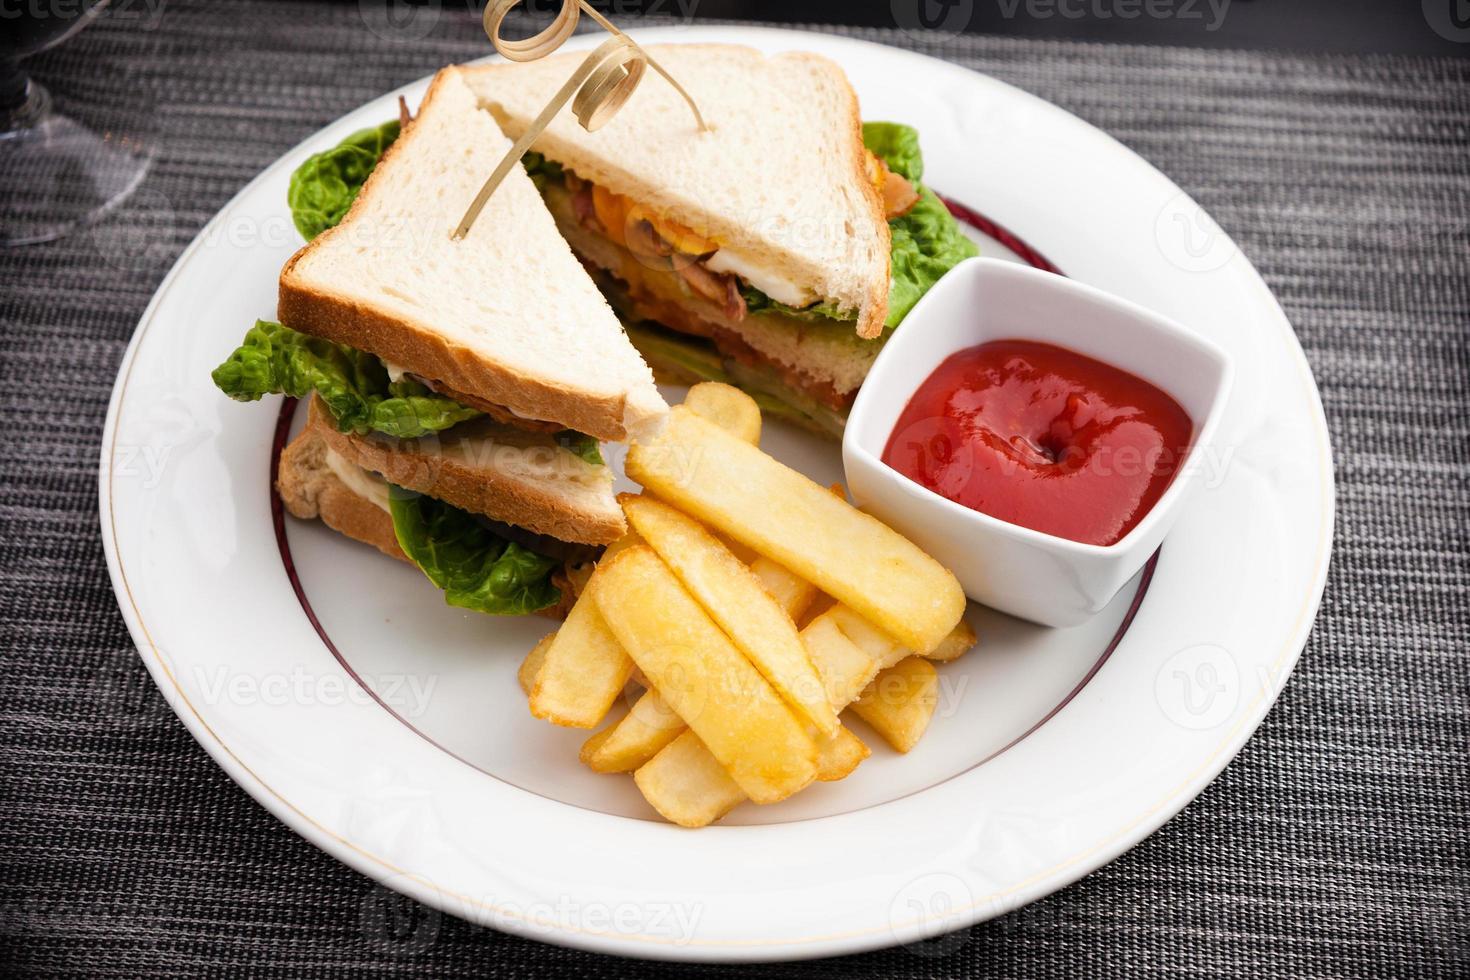 sandwich met gebakken eieren, spek en sla foto